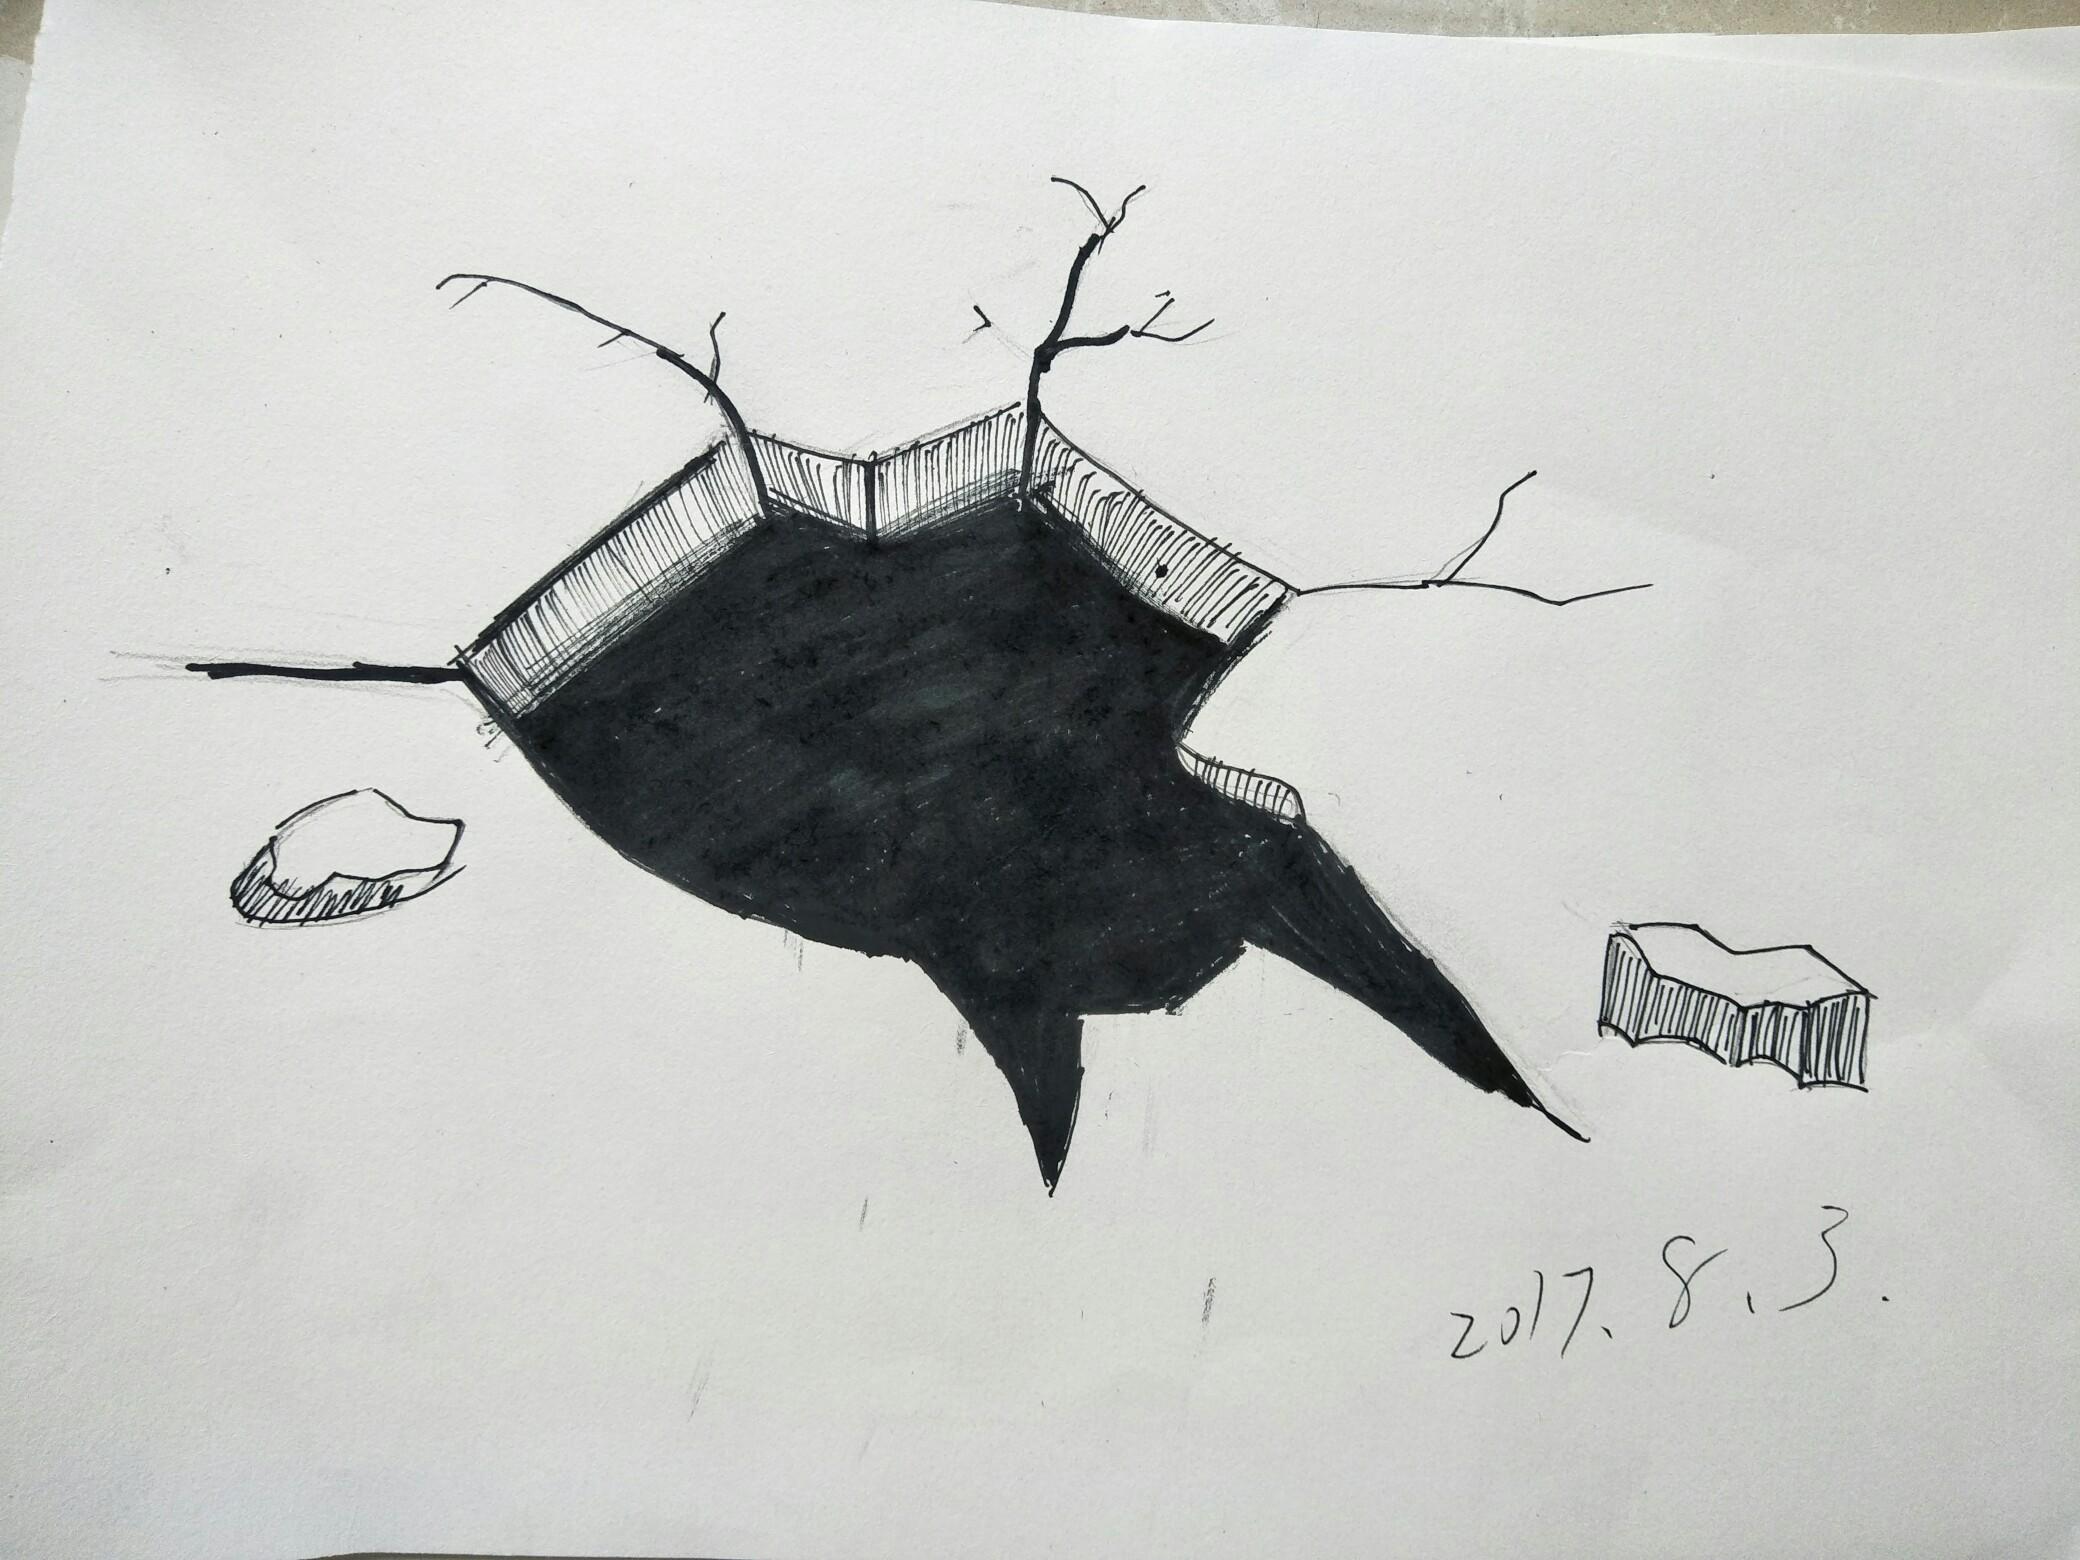 可以用圆珠笔或黑笔画.与素描有关系